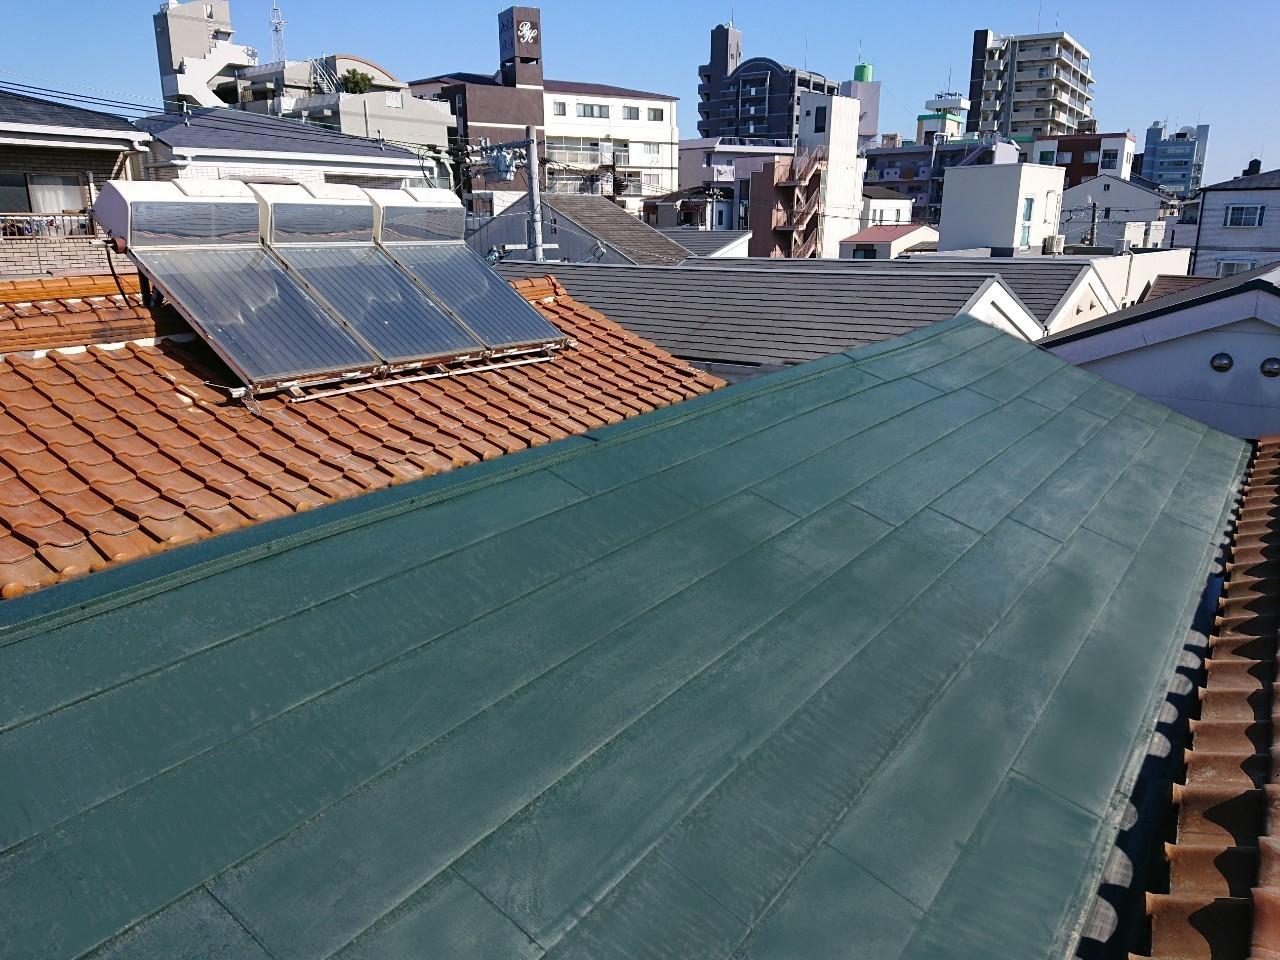 大阪市 東淀川区 住宅 屋根貼り替え工事  ガルバリウム鋼板屋根